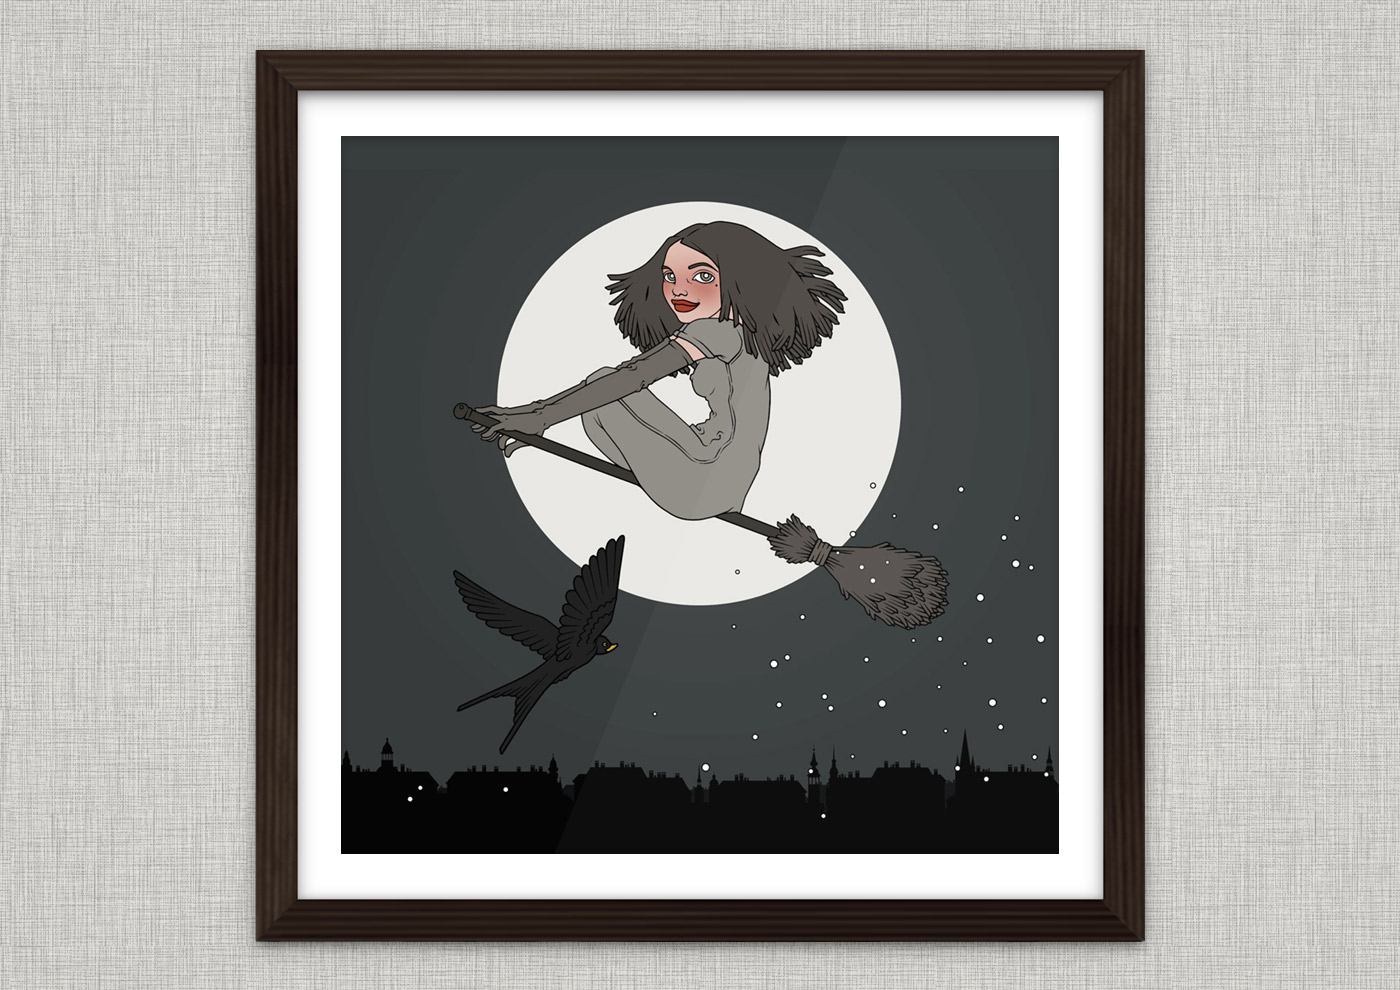 Kunstdruck mit der Illustration Hexenstunde mit einer mädchenhaften Hexe, die auf einem Besen und von einer Schwalbe begleitet vor dem Vollmond durch den Nachthimmel fliegt